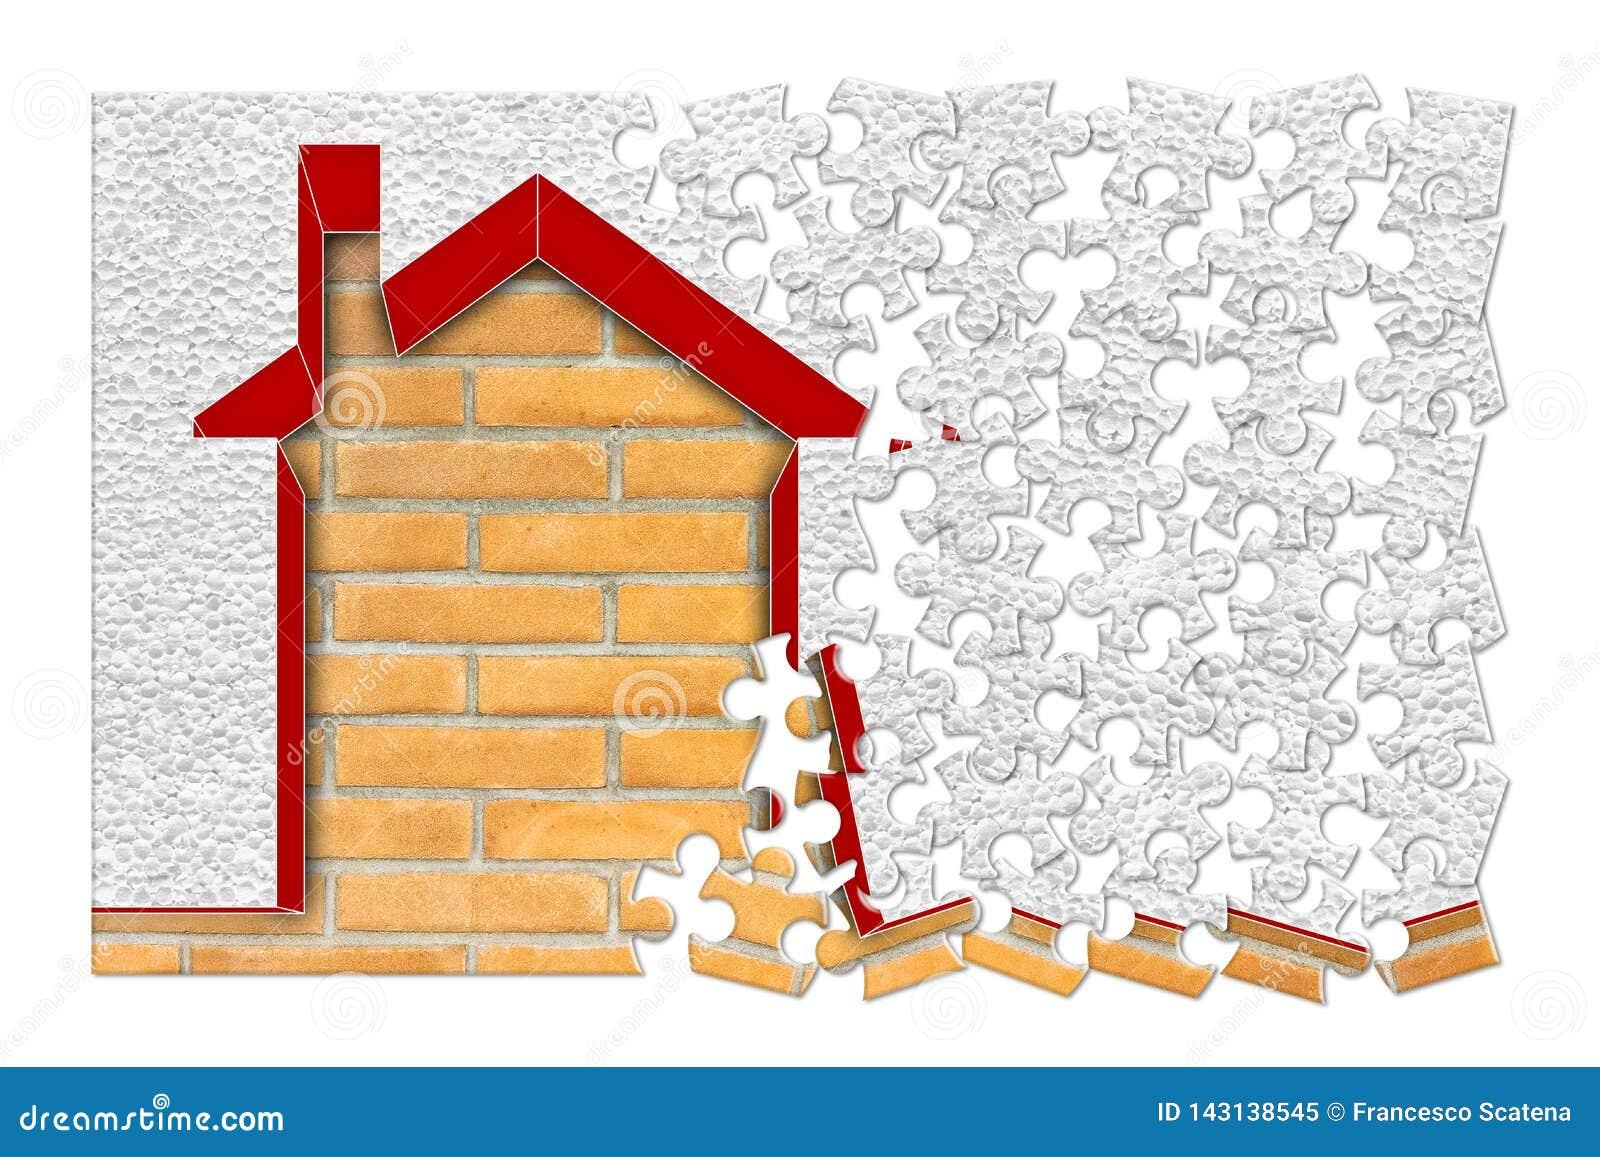 Image de concept de rendement énergétique de bâtiments - 3D rendre à la maison thermiquement isolé avec des murs de polystyrène -